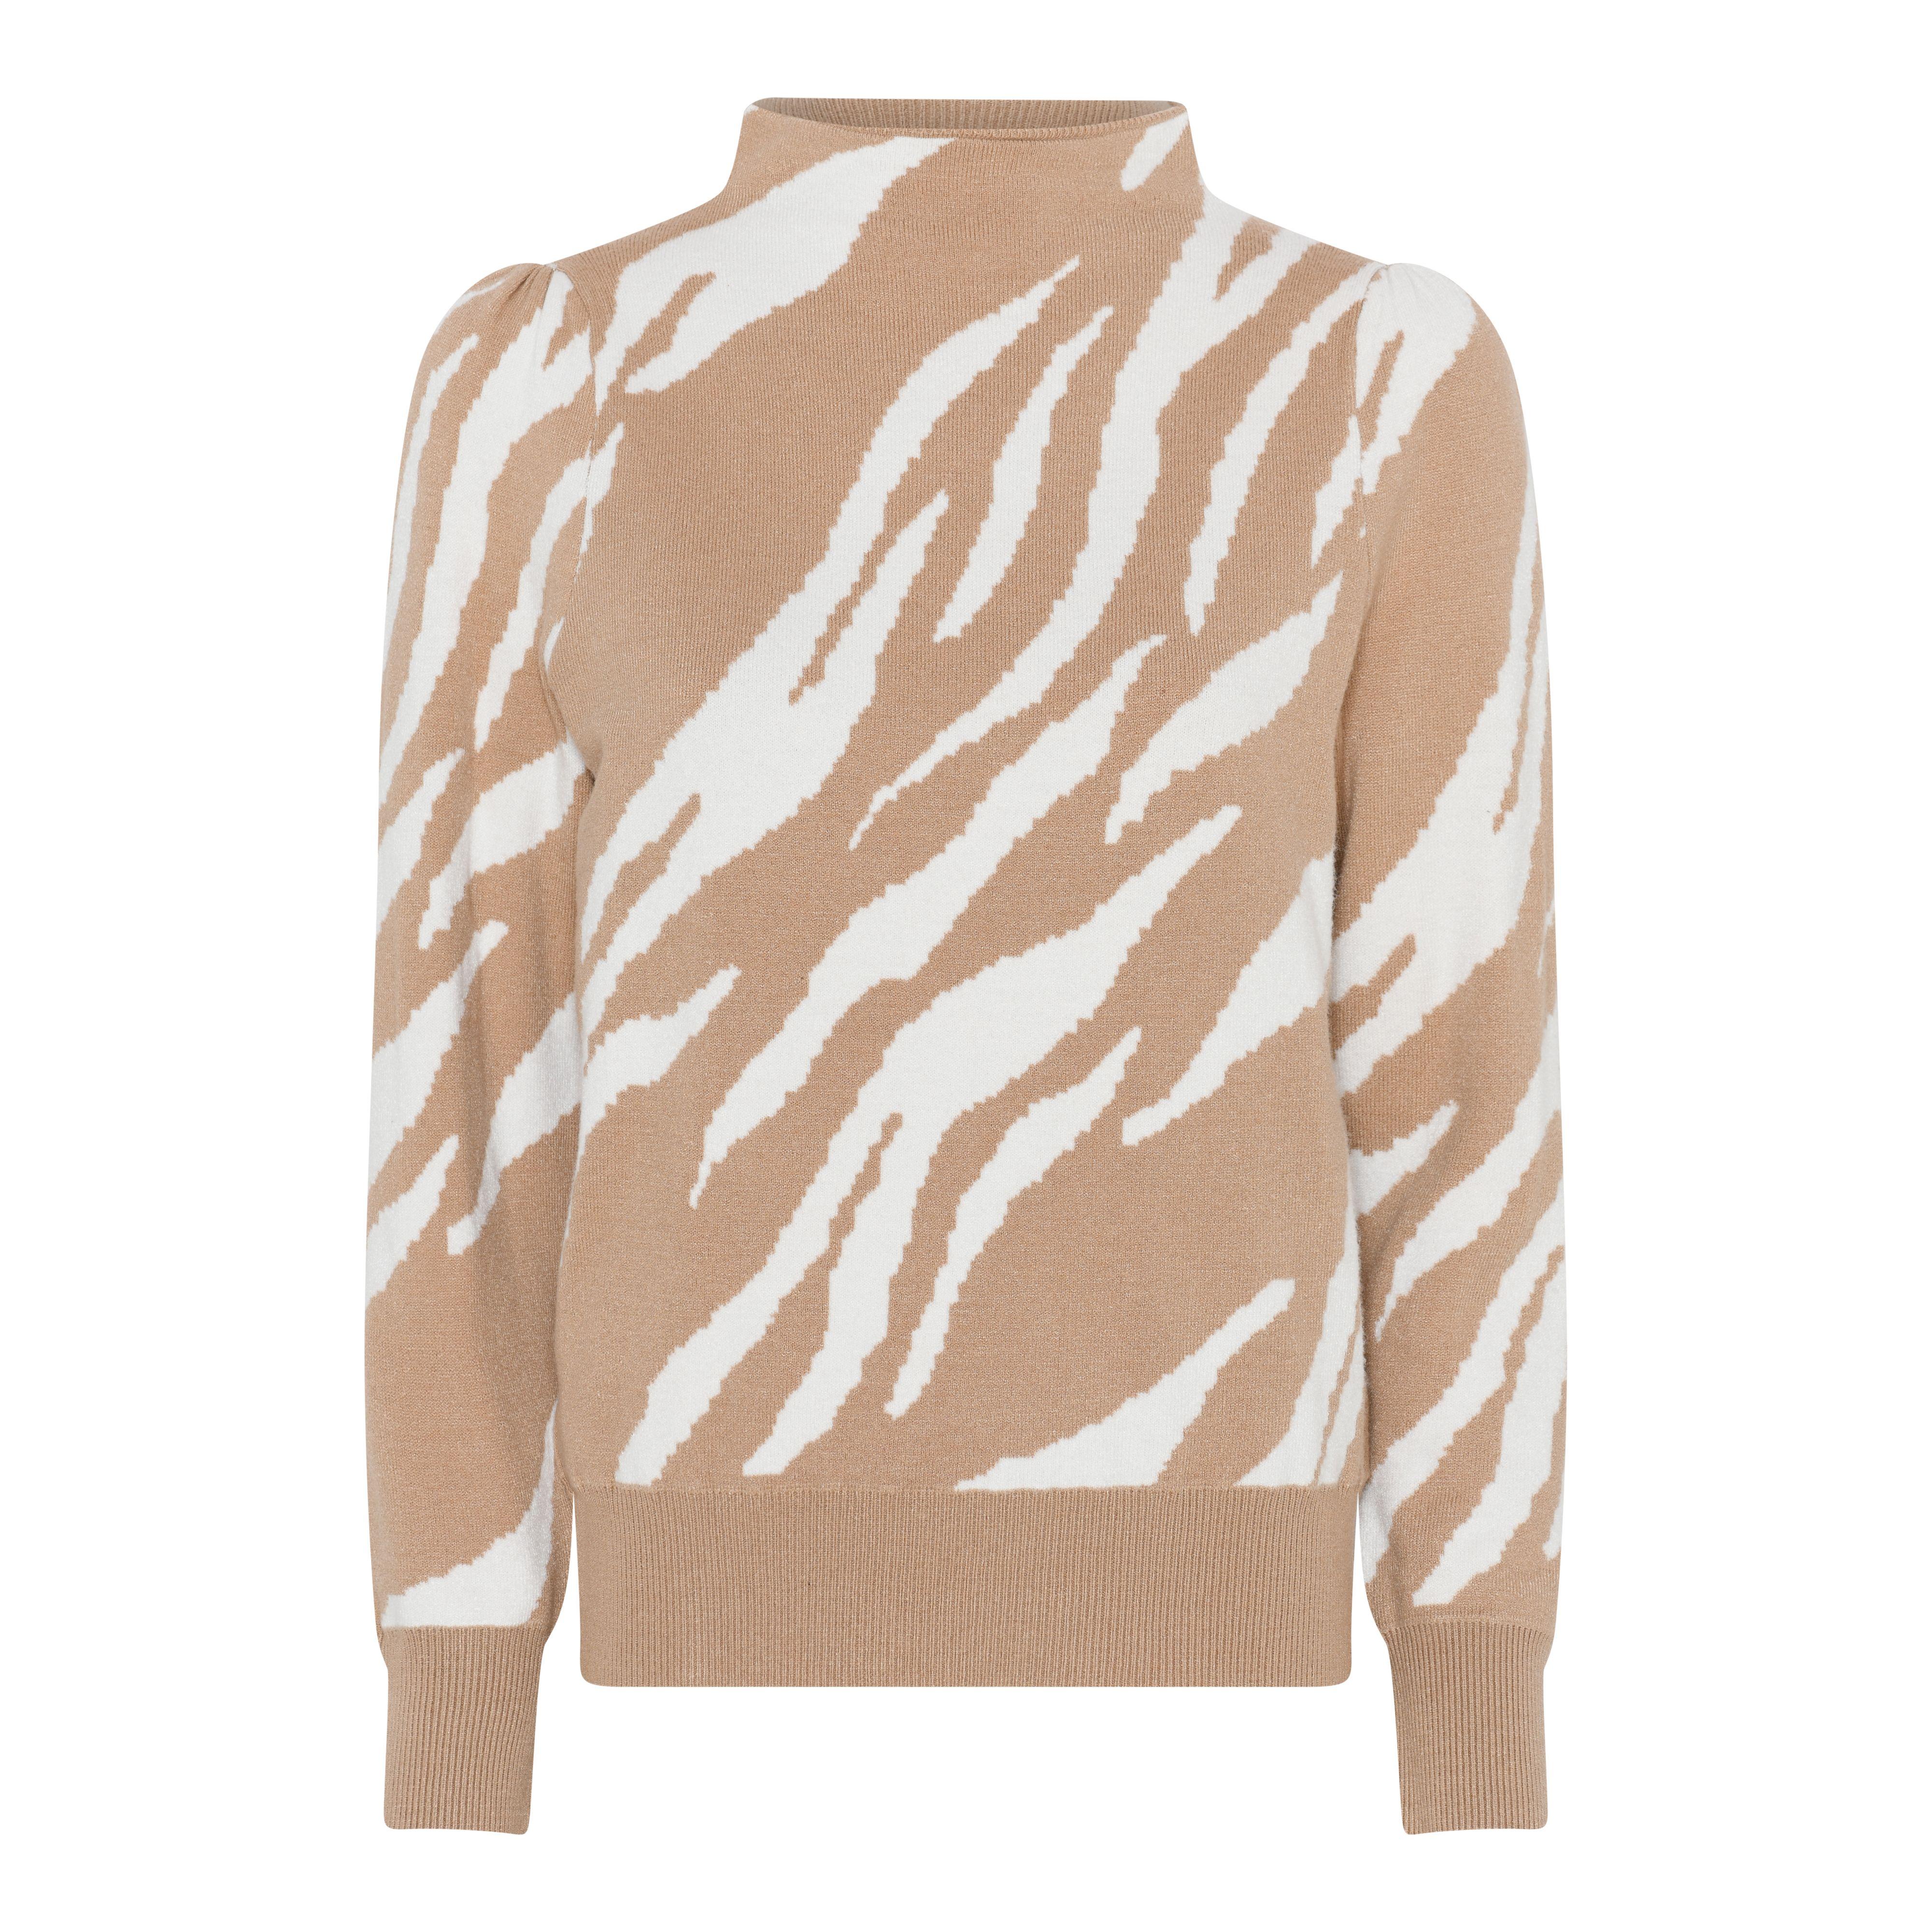 Micha Zebra Effect striktrøje, Camel/Off White, XL